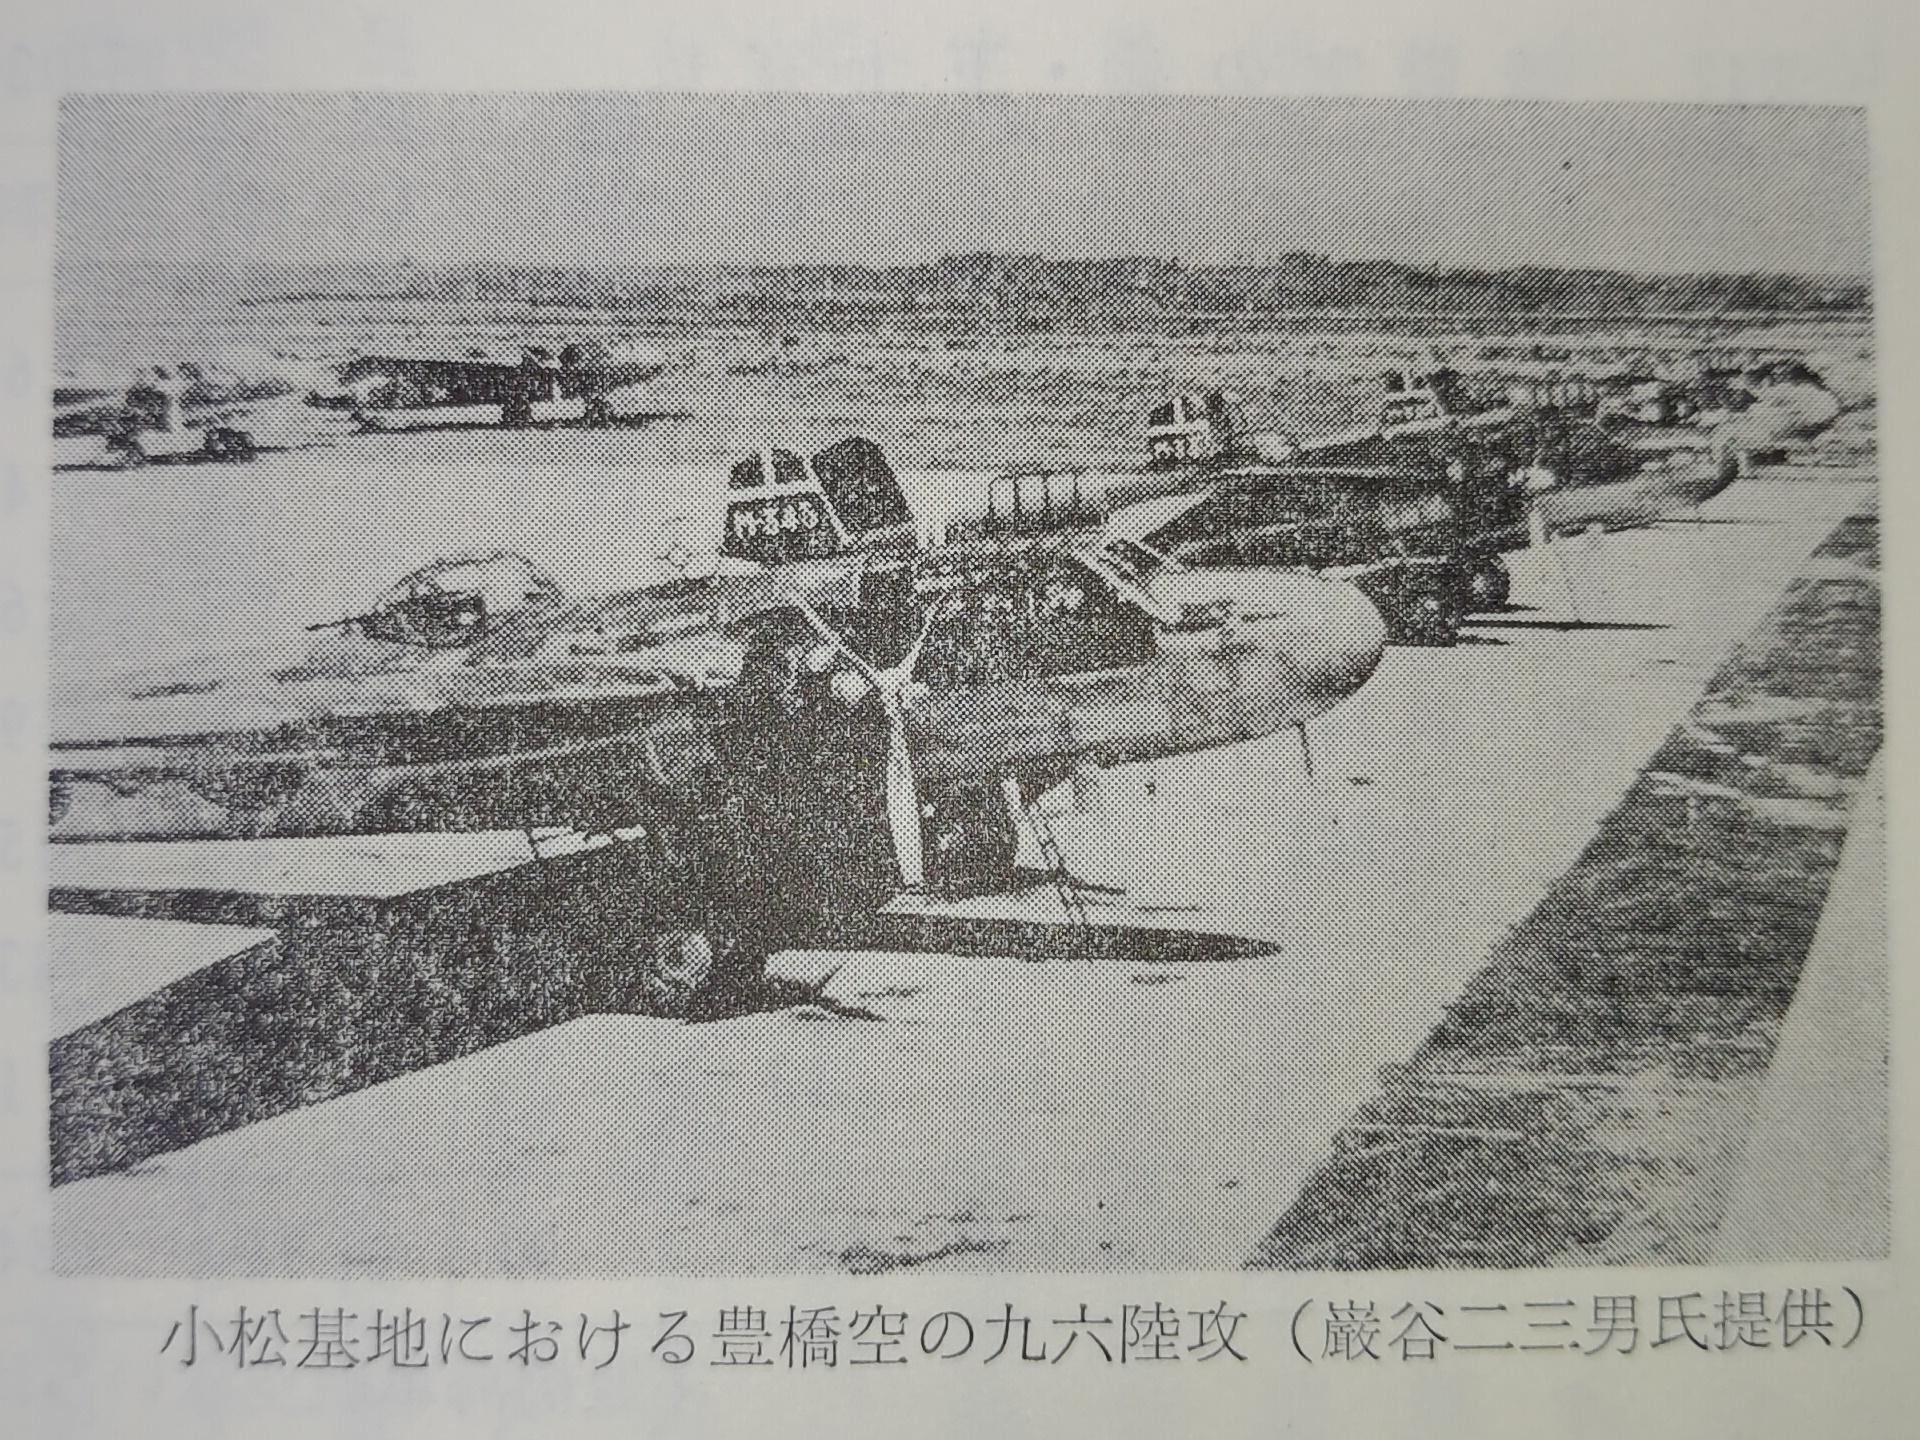 海軍・豊橋航空隊の戦中、特攻、8月15日、戦後 : 愛知豊橋市長坂 ...